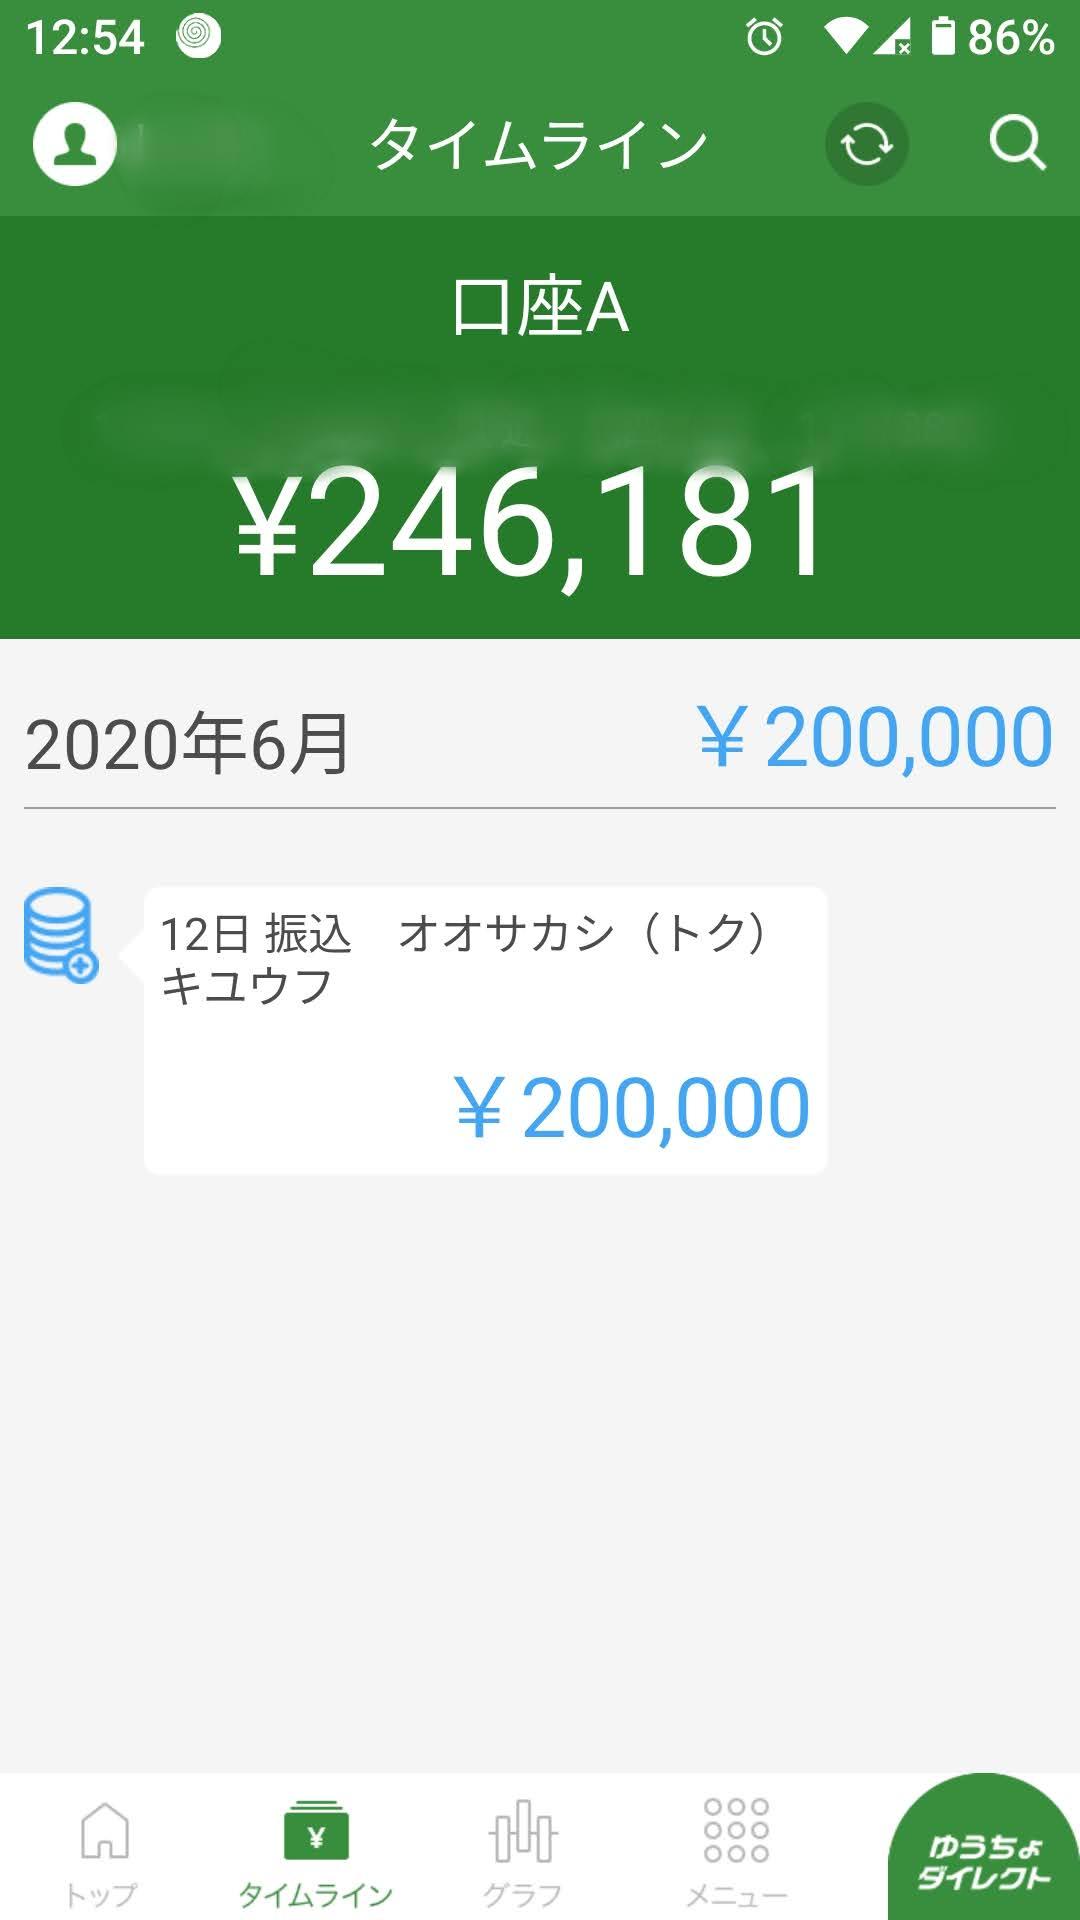 特別定額給付金の振込通知